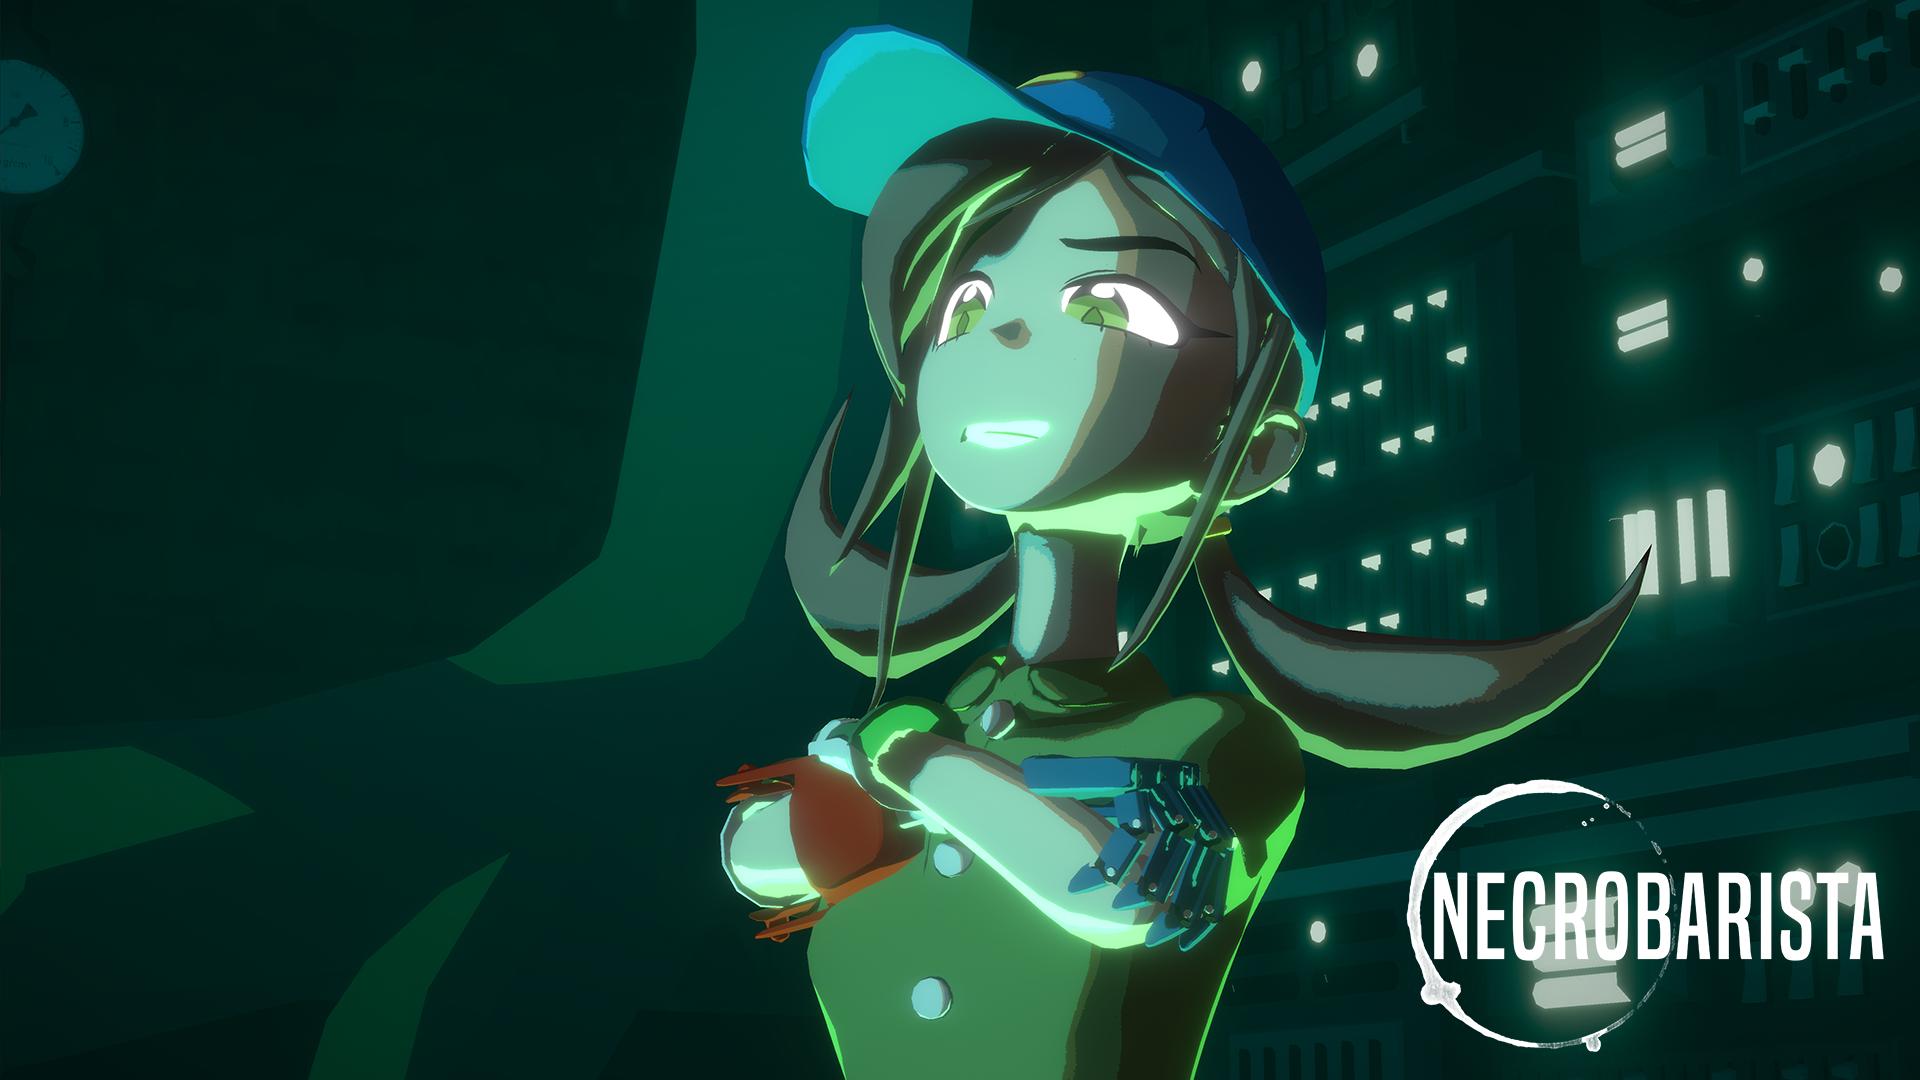 Necrobarista Video game